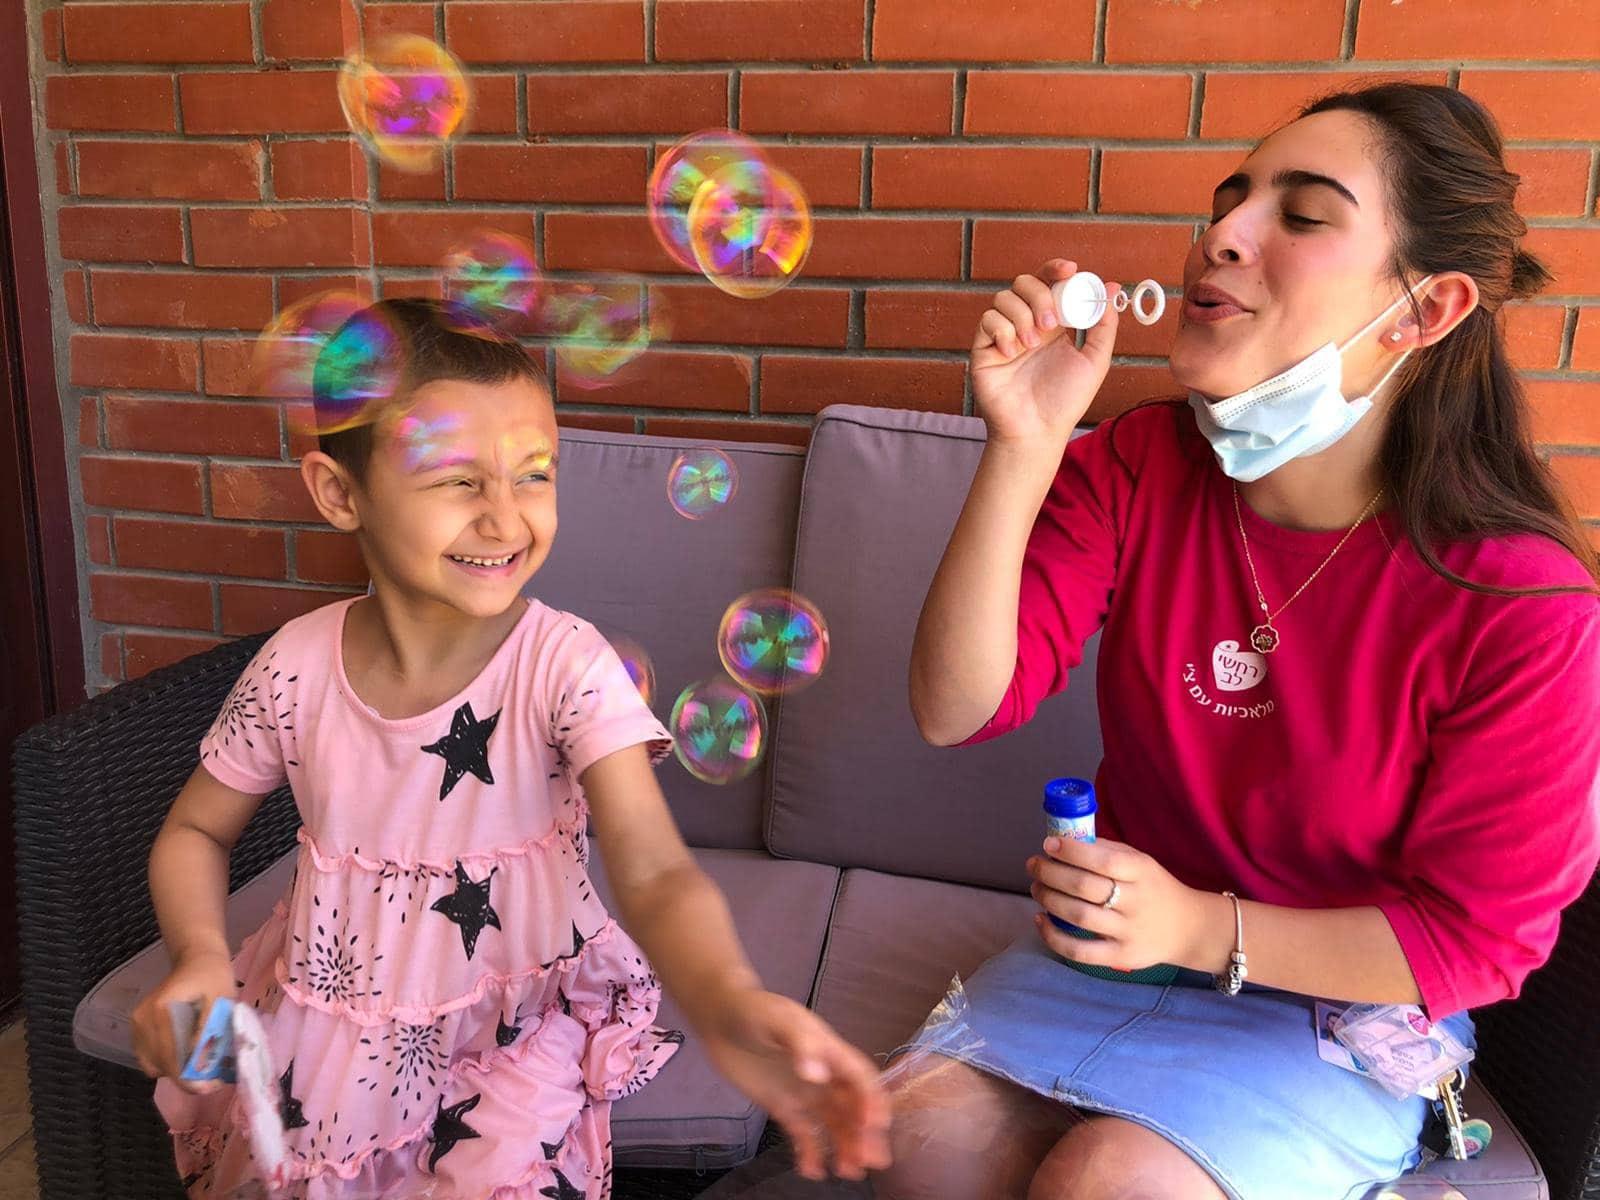 עמותת רחשי לב, הפועלת למענם של ילדים חולי סרטן, מזמינה אתכם לאמץ פרויקט. תרמו גם אתם לטובת פעילות בנות השירות הלאומי עם הילדים.